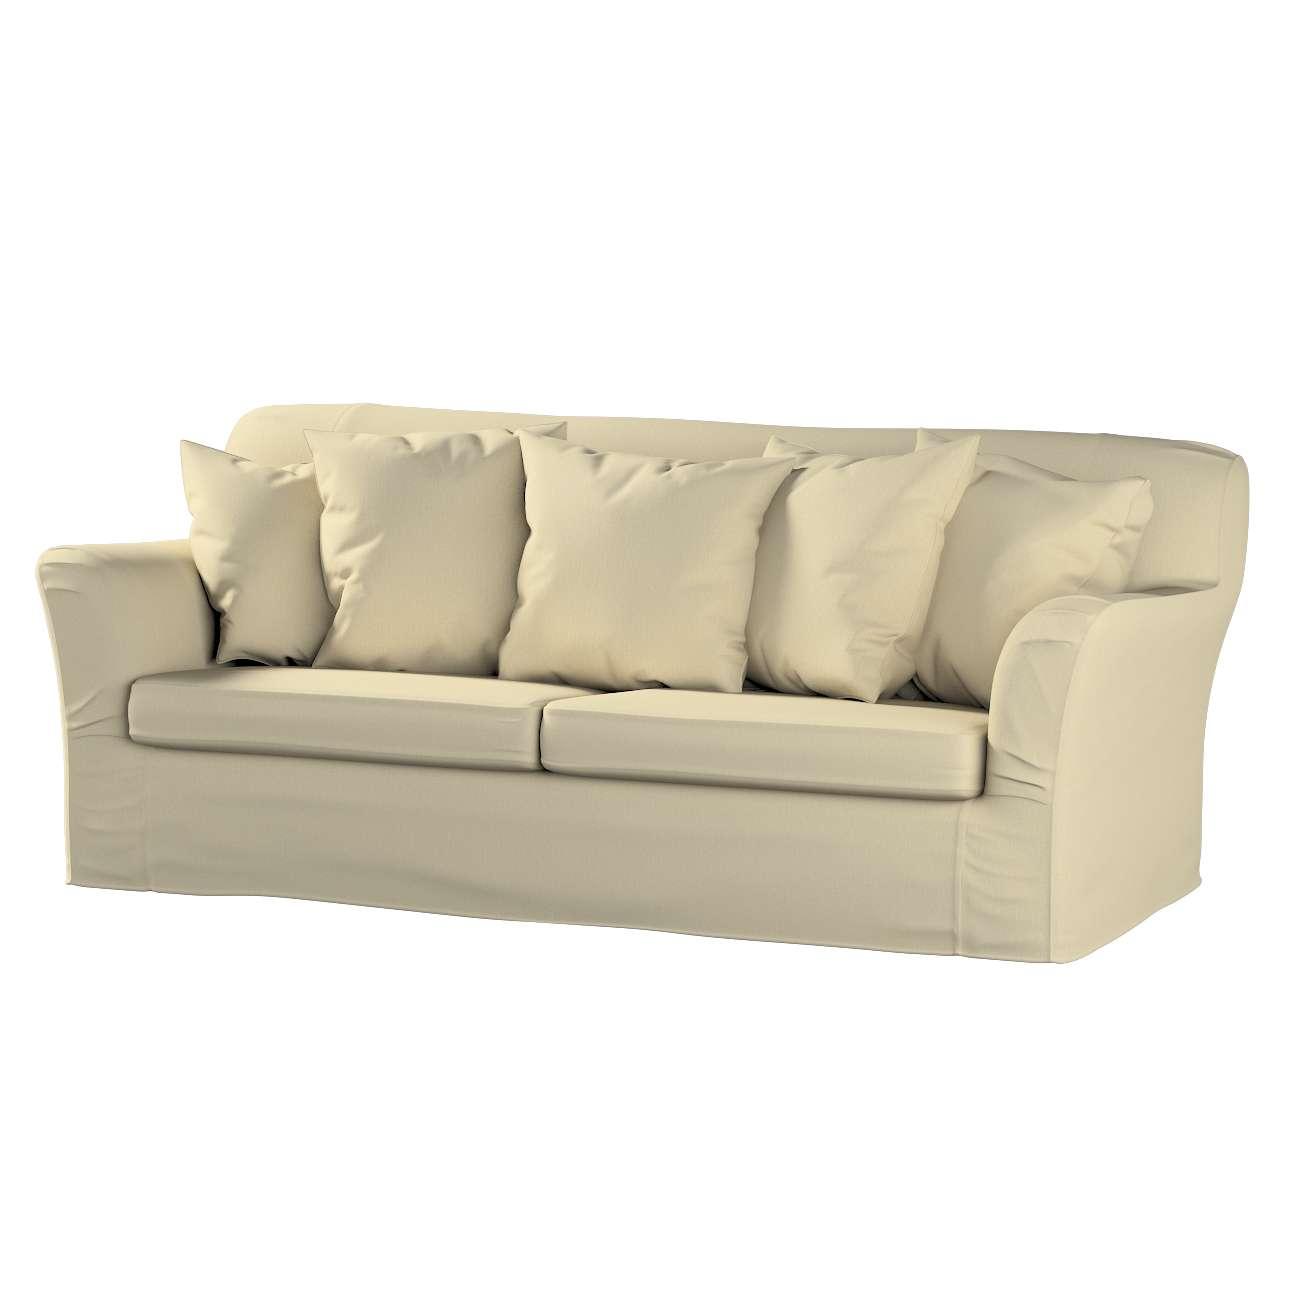 Pokrowiec na sofę Tomelilla 3-osobową rozkładaną w kolekcji Chenille, tkanina: 702-22